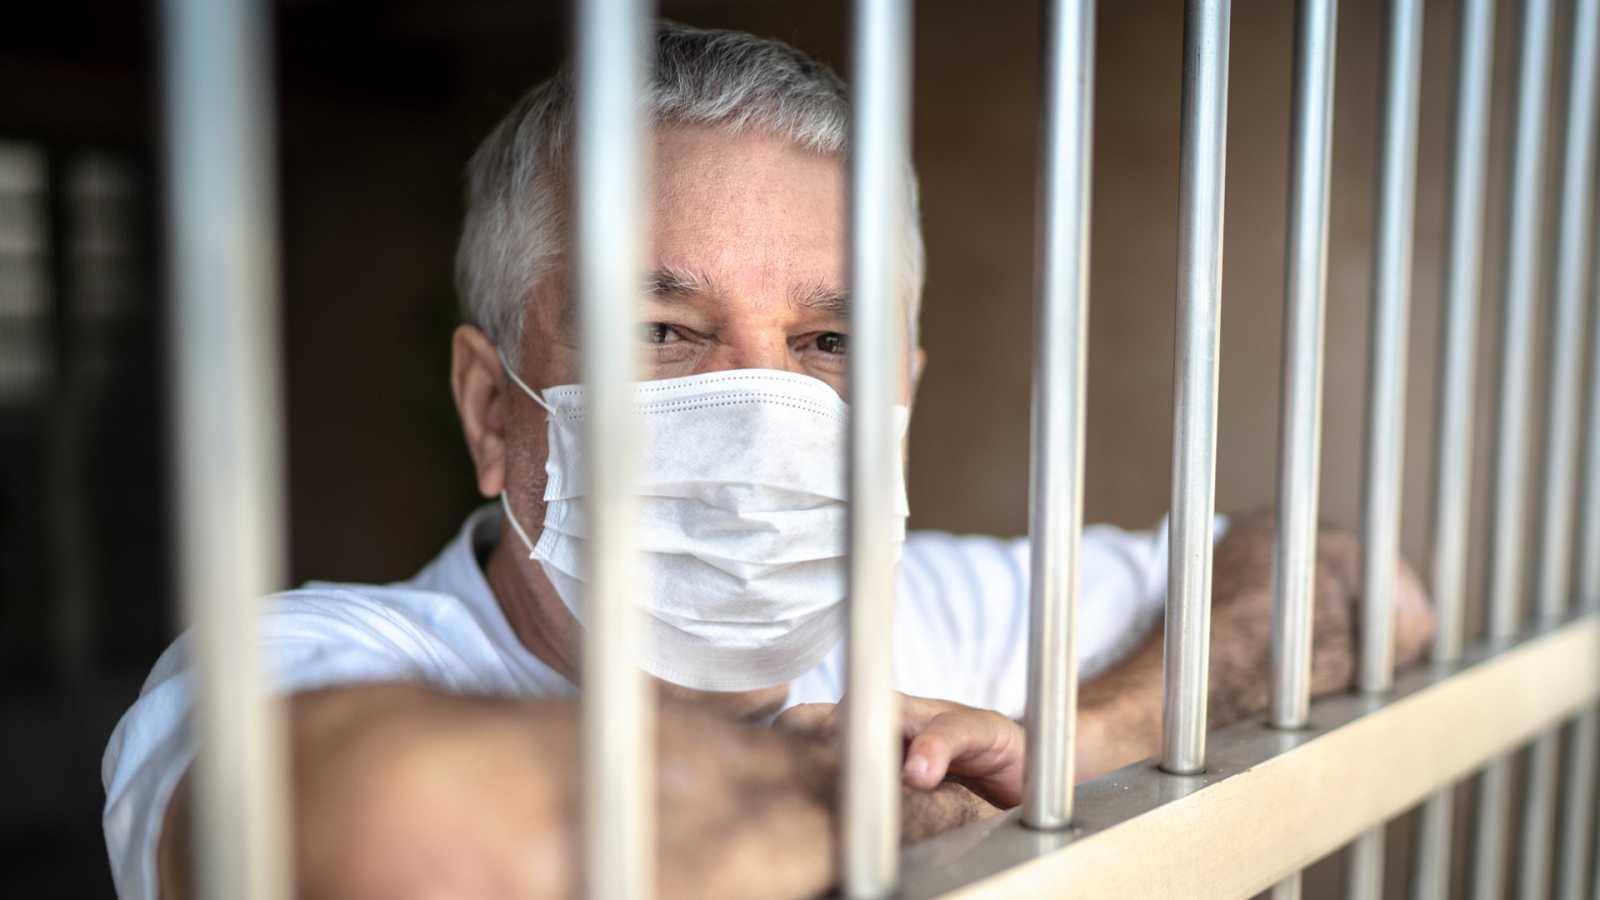 Por tres razones - Cómo están viviendo este confinamiento los presos - Escuchar ahora